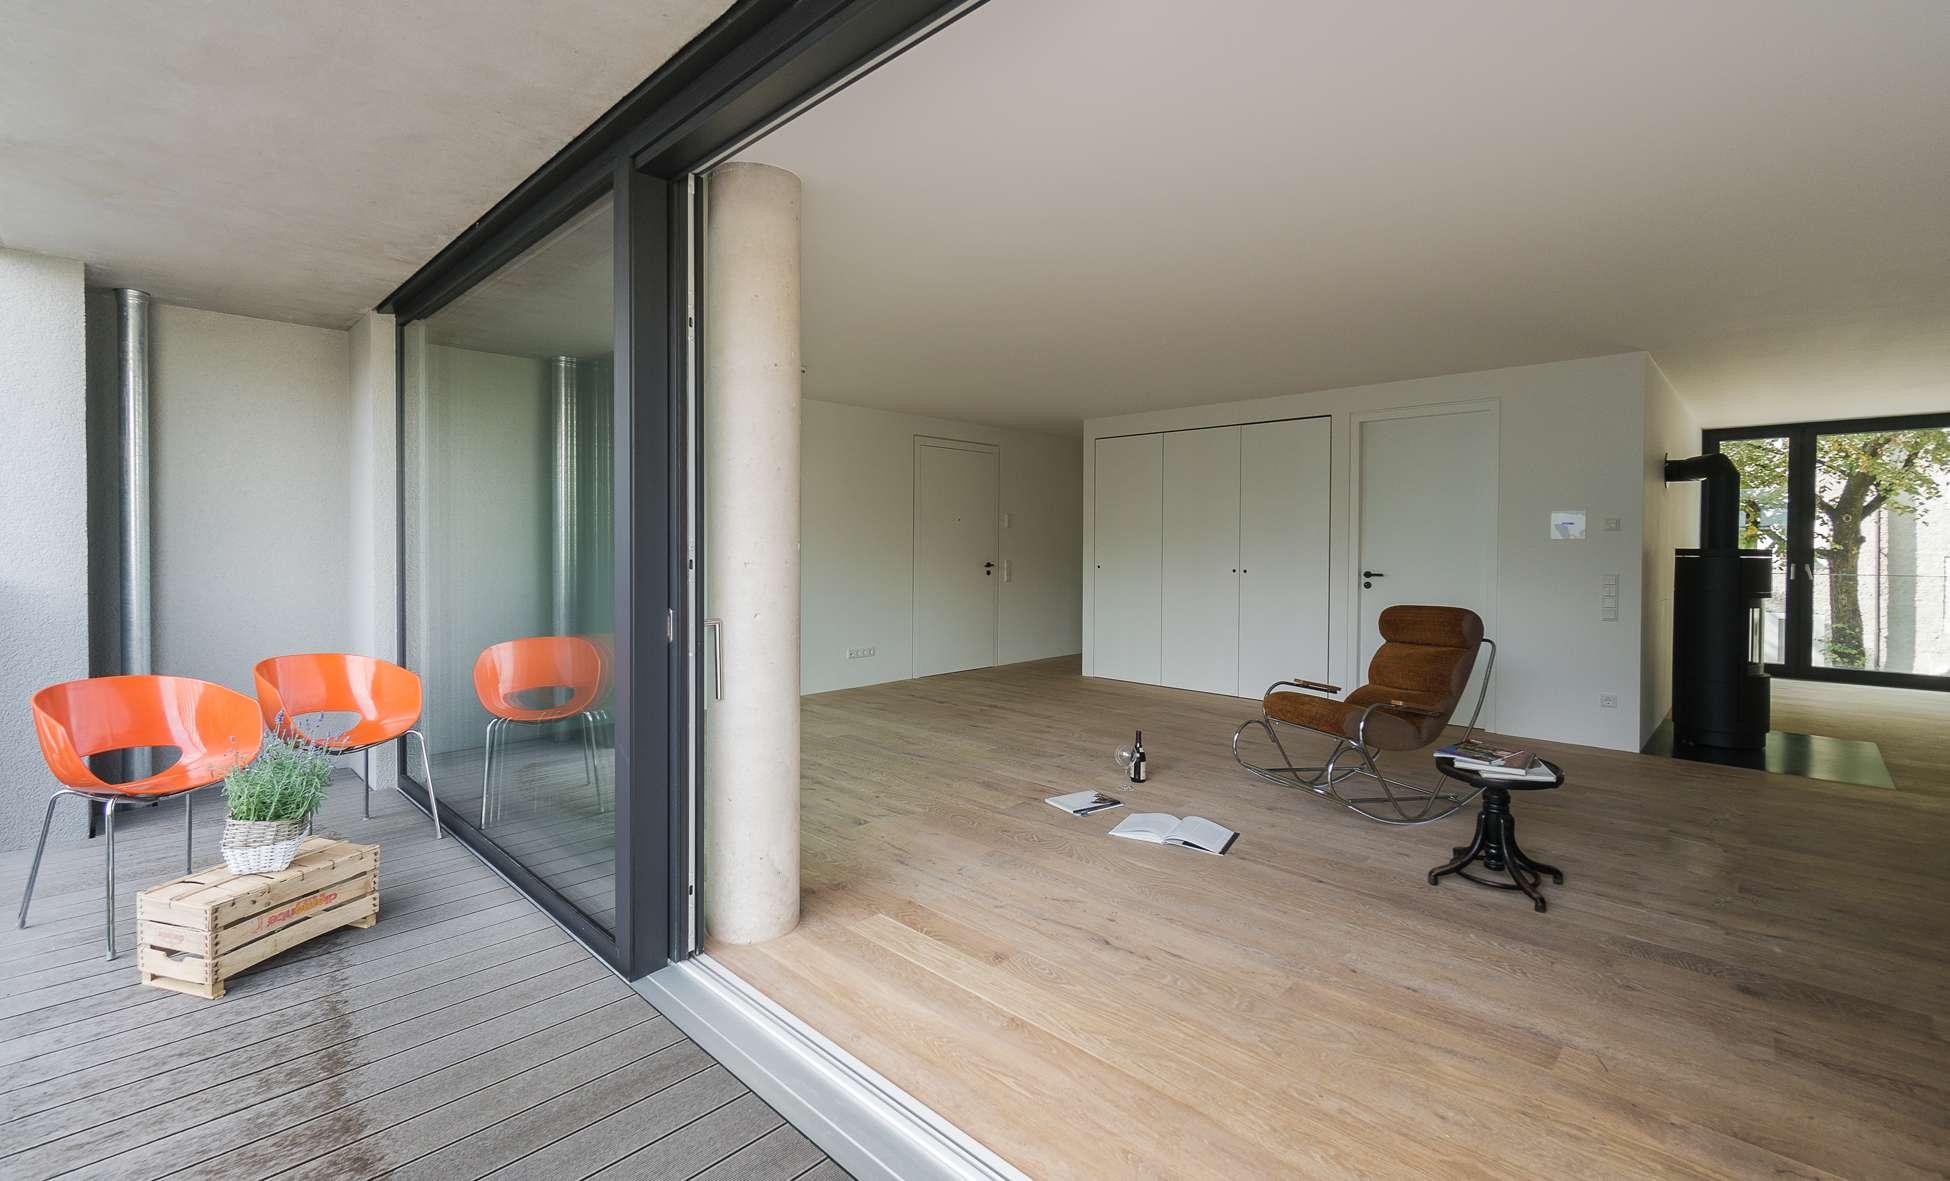 Erstbezug von Privat: luxuriöse 2,5-Zimmer-Wohnung mit Sonnenbalkon in Schwabing-West in Schwabing-West (München)